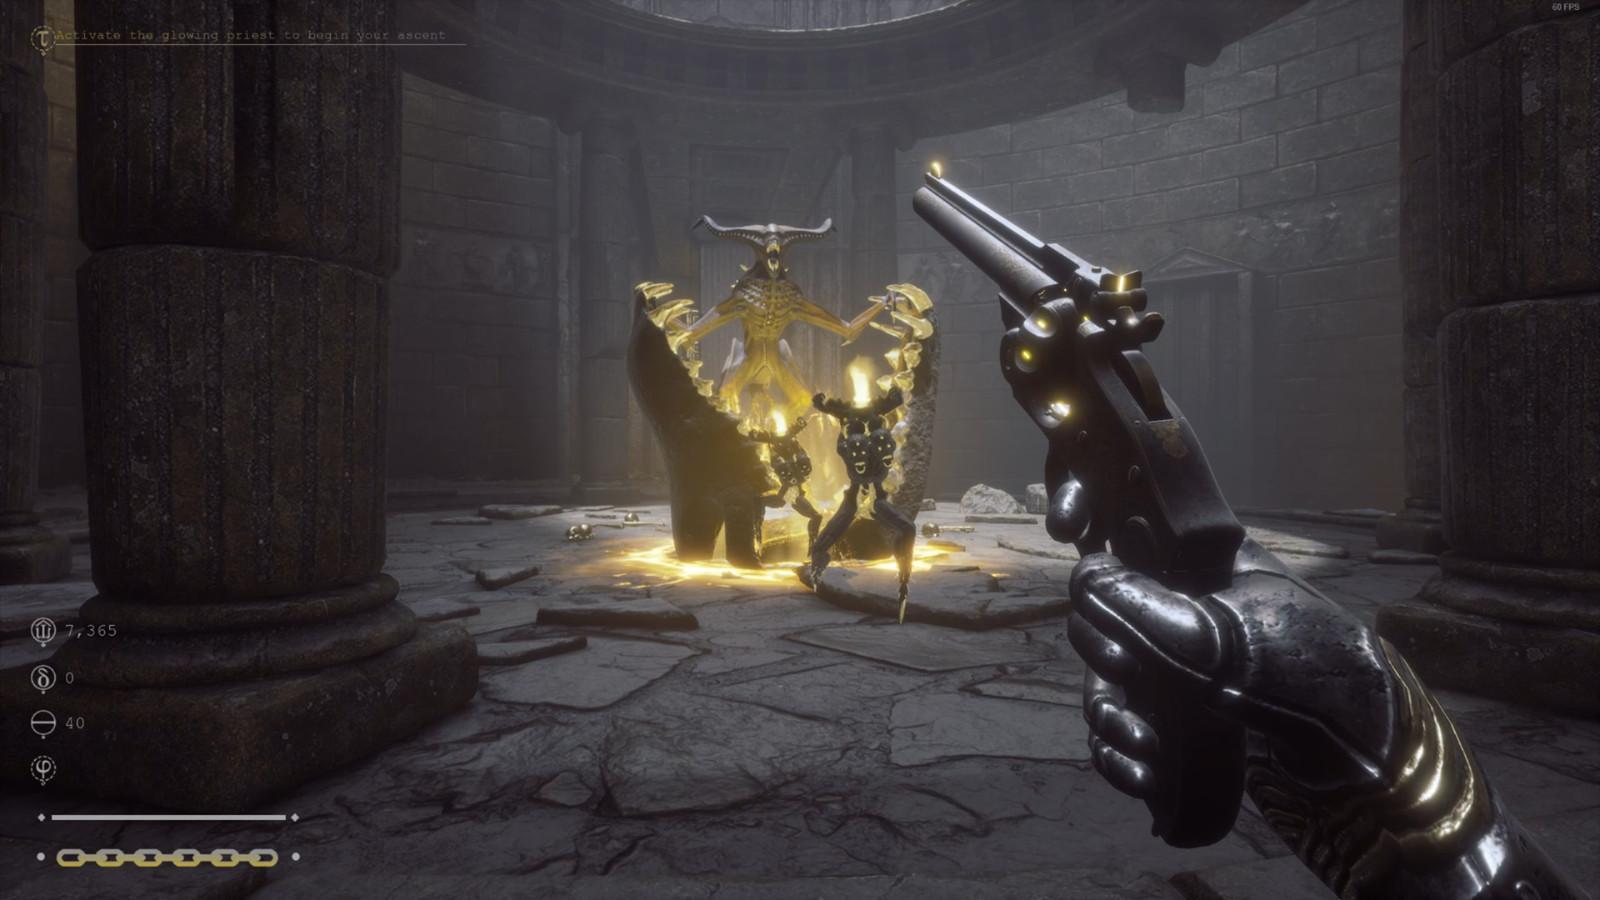 希腊神话版《求生之路》?FPS游戏《陨灭》Steam页面上线